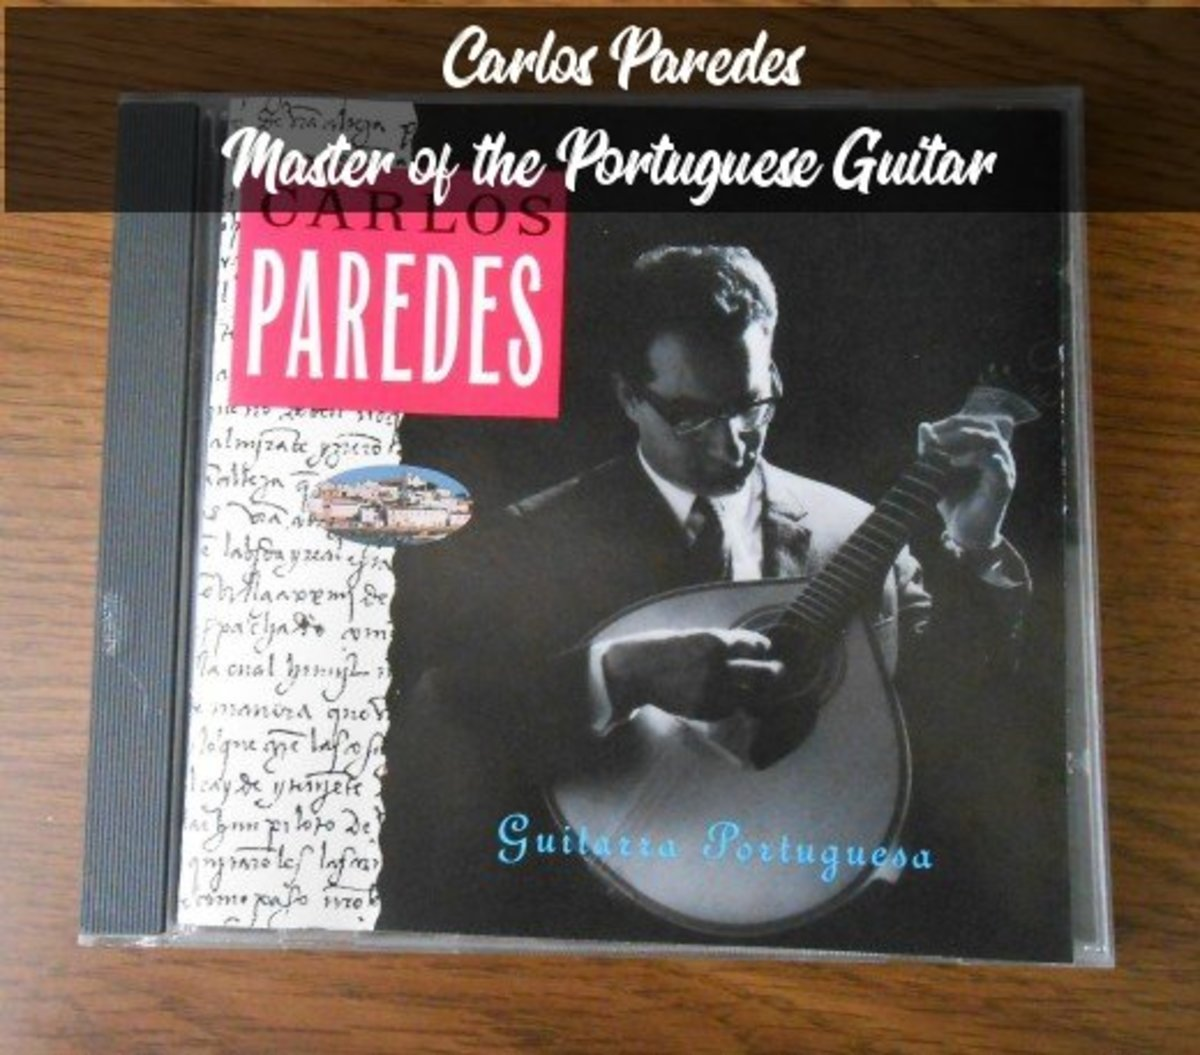 Carlos Paredes first album is exquisite